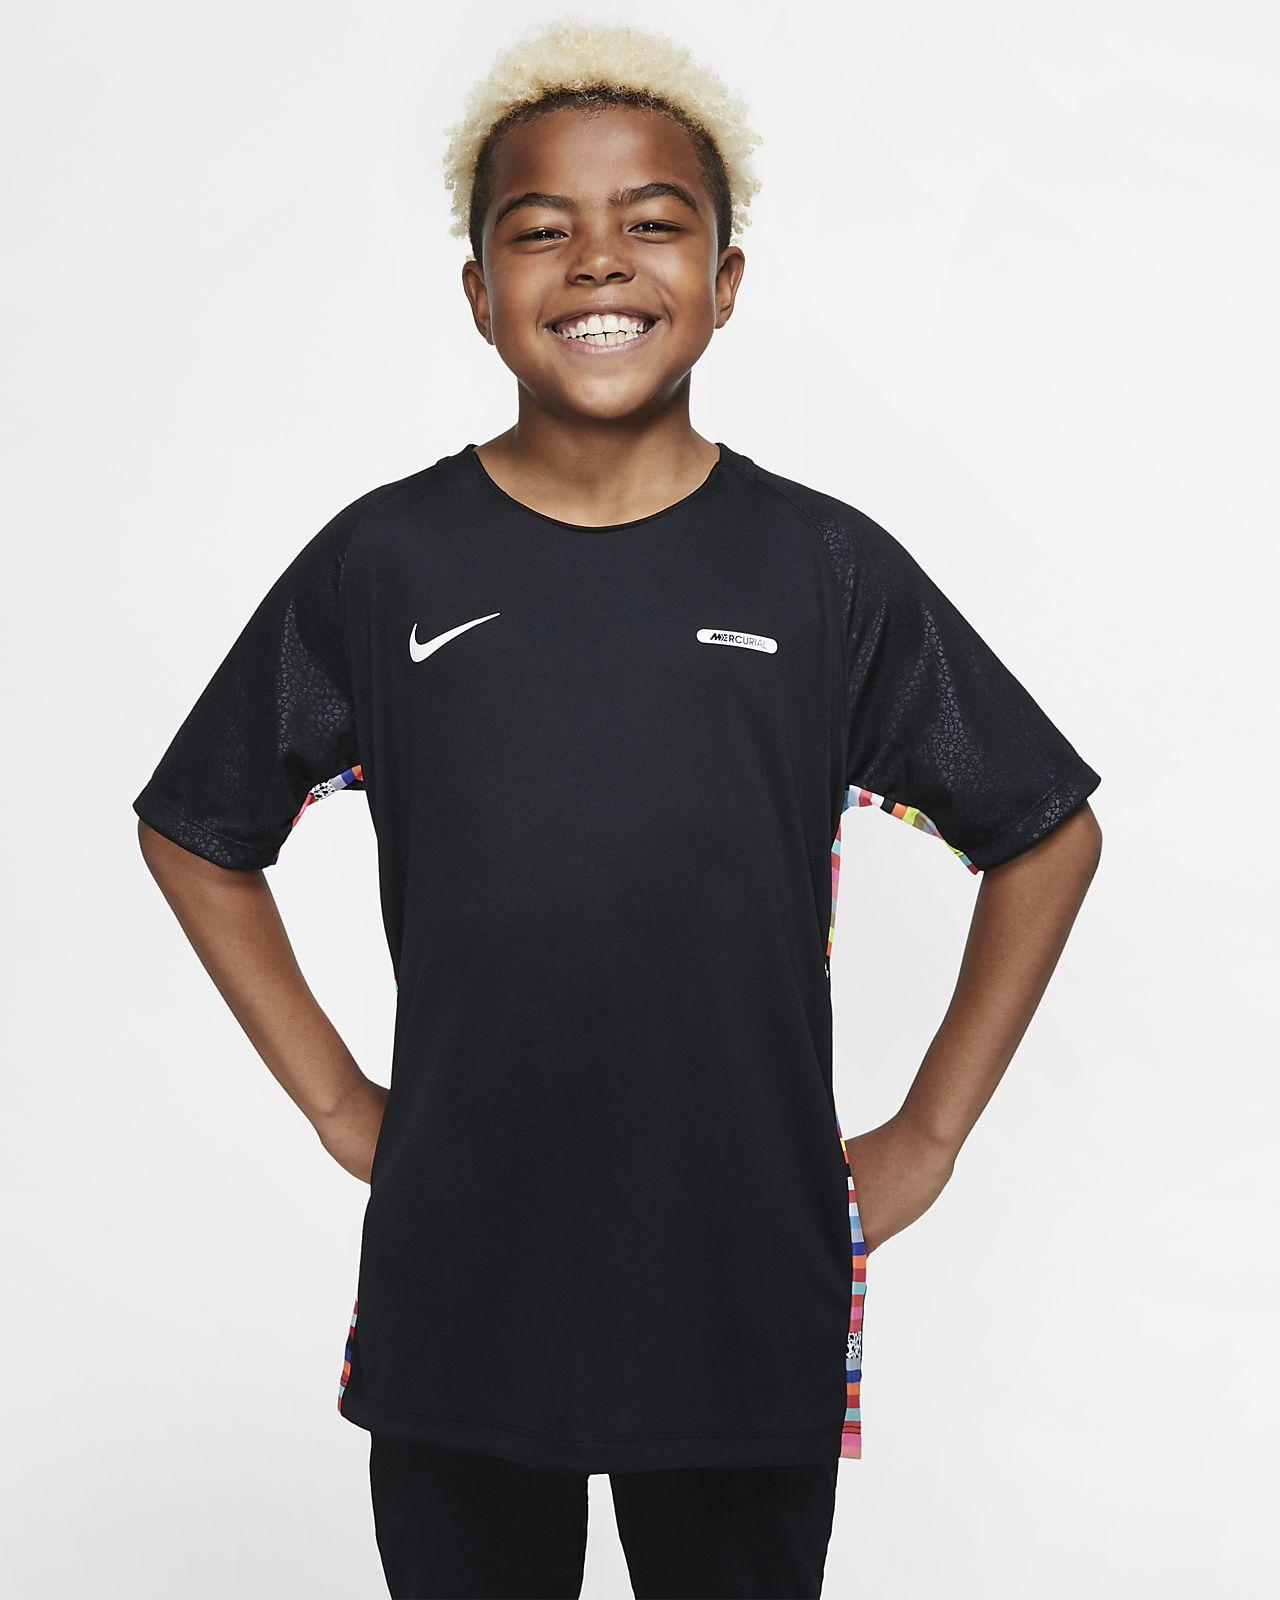 Nike Dri-FIT Mercurial Voetbaltop met korte mouwen voor kids